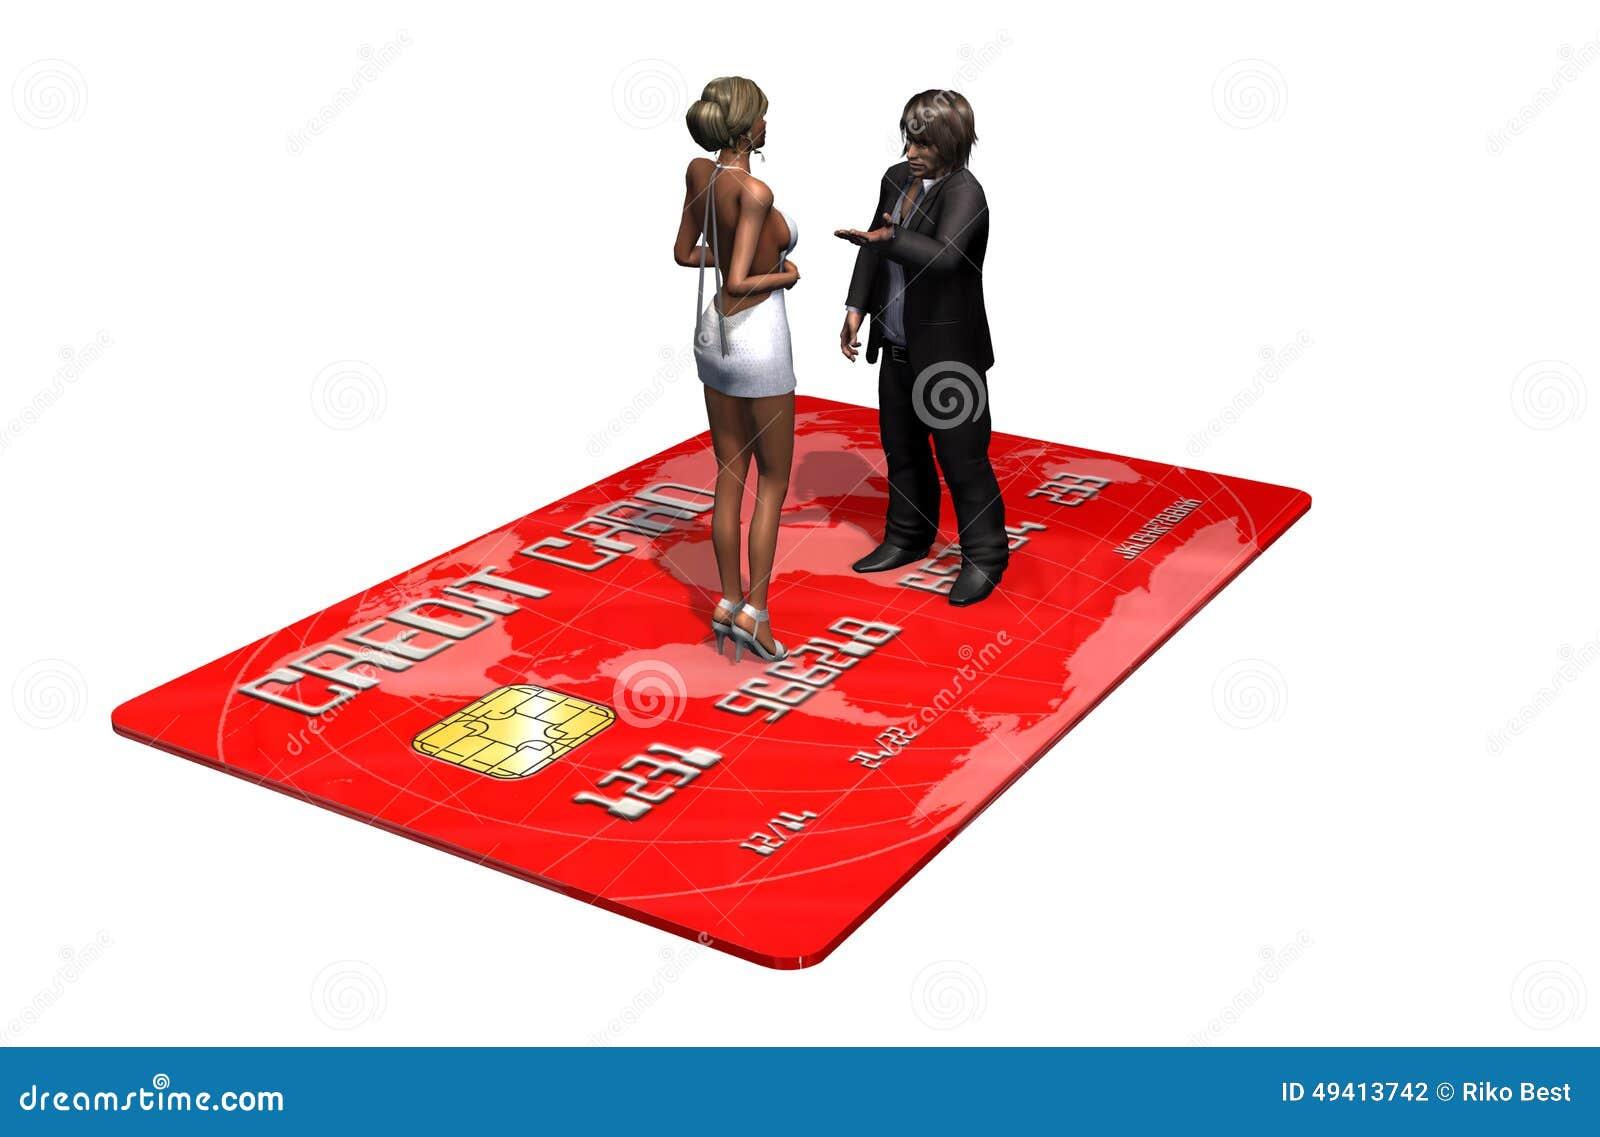 Download Kreditkarte Mit Personen Im Geschäft Stock Abbildung - Illustration von internet, querneigung: 49413742